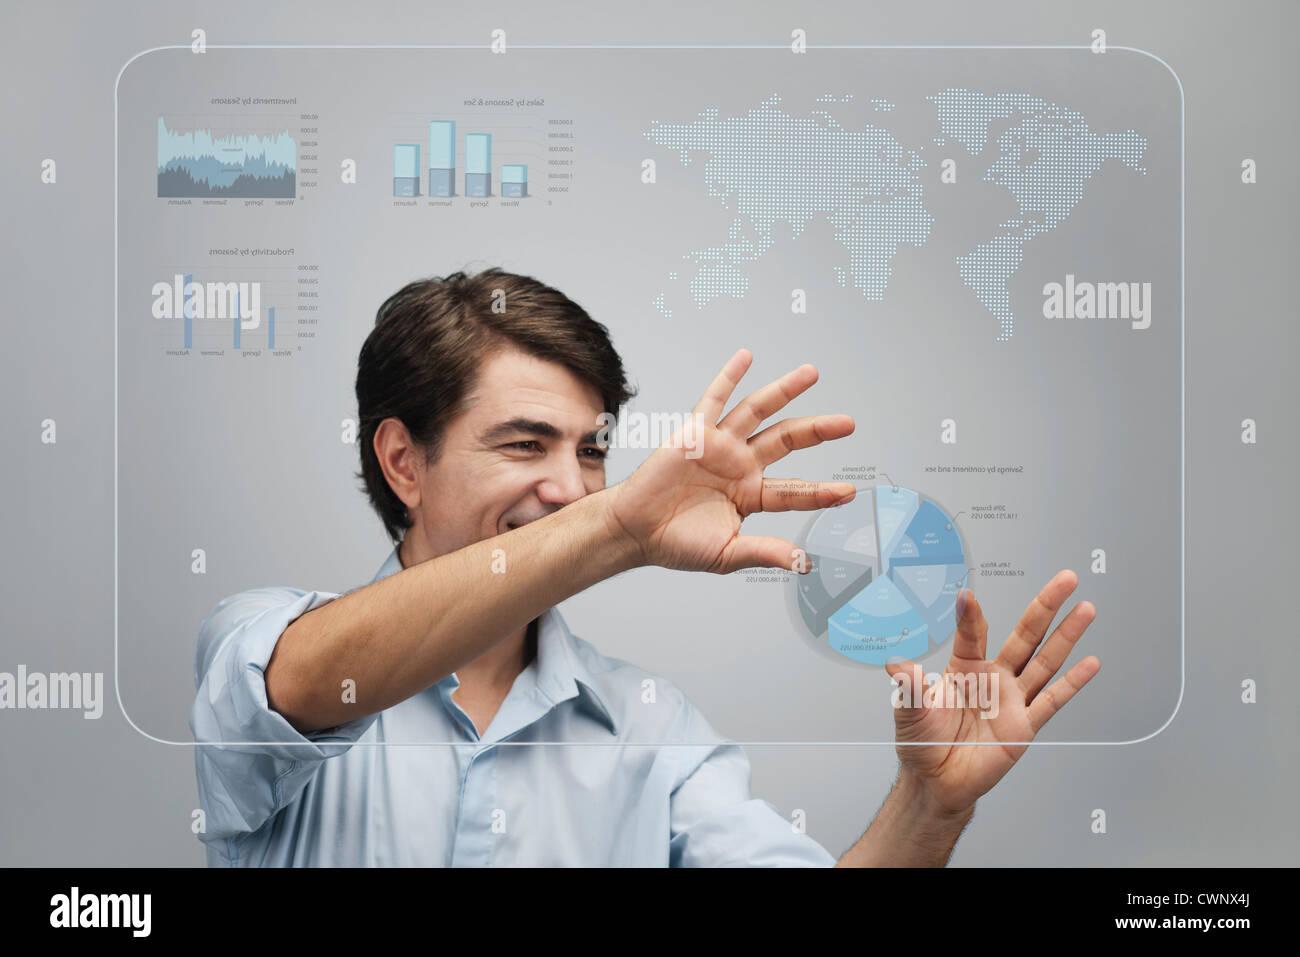 Portrait de la technologie d'écran tactile avancé pour afficher les données de vente Photo Stock